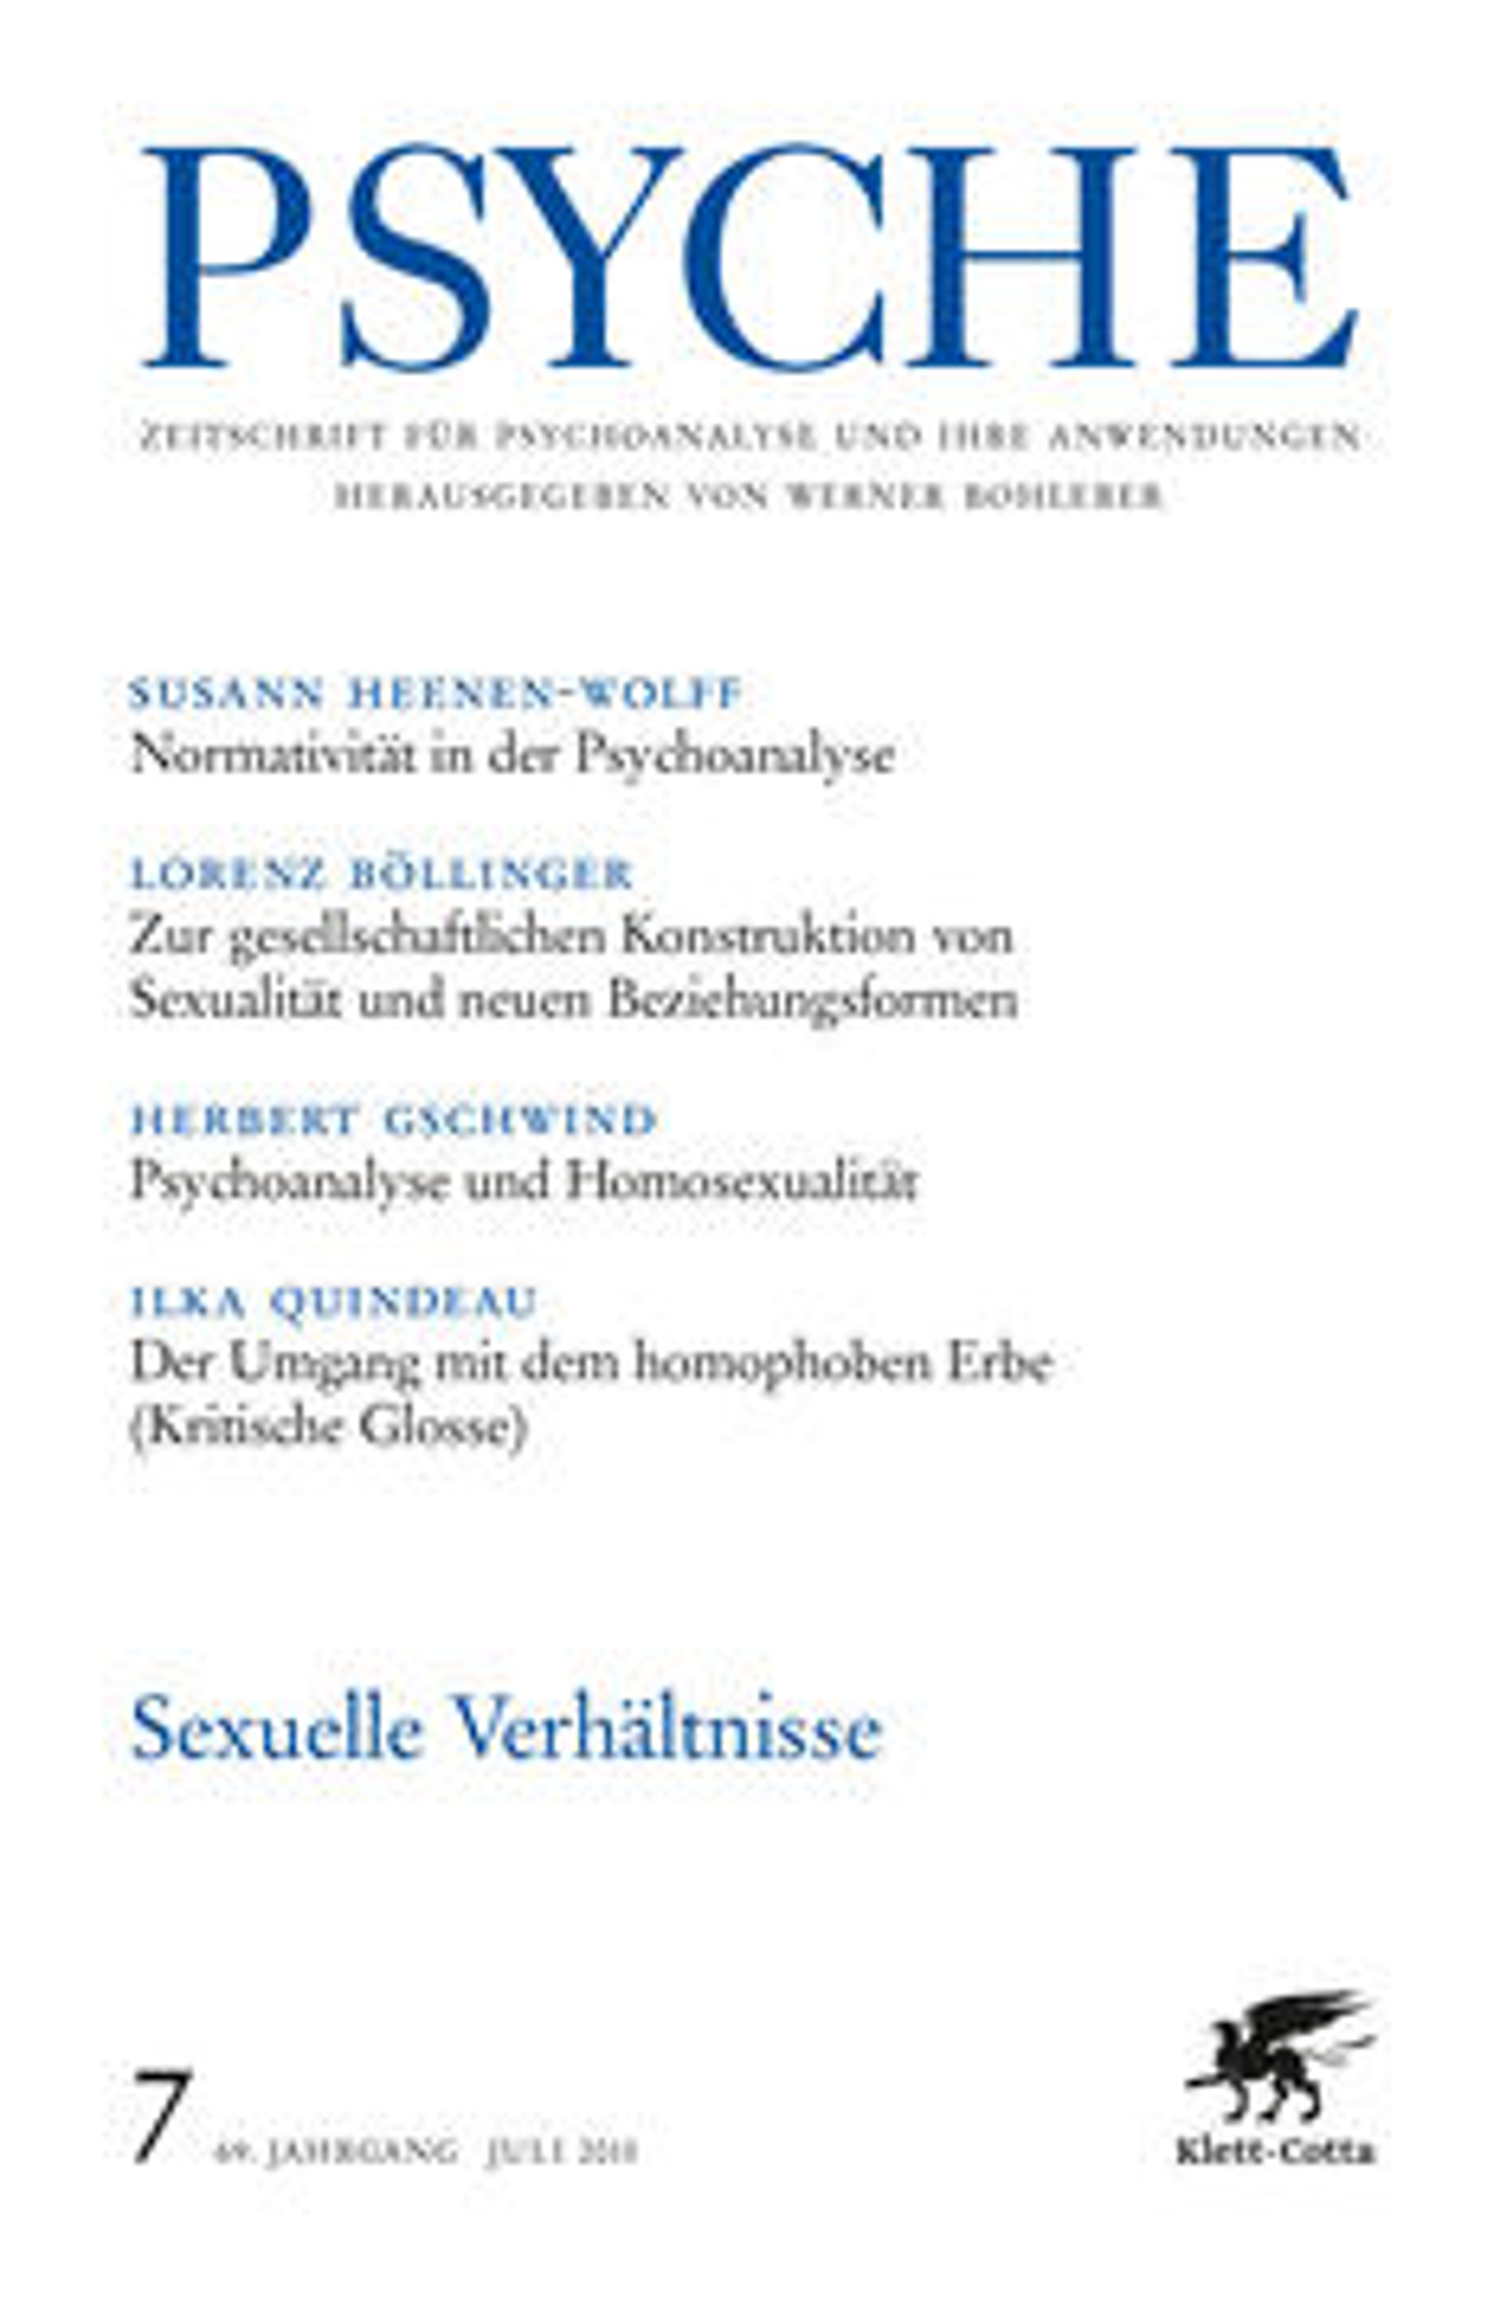 PSYCHE - Zeitschrift für Psychoanalyse und ihre Anwendungen